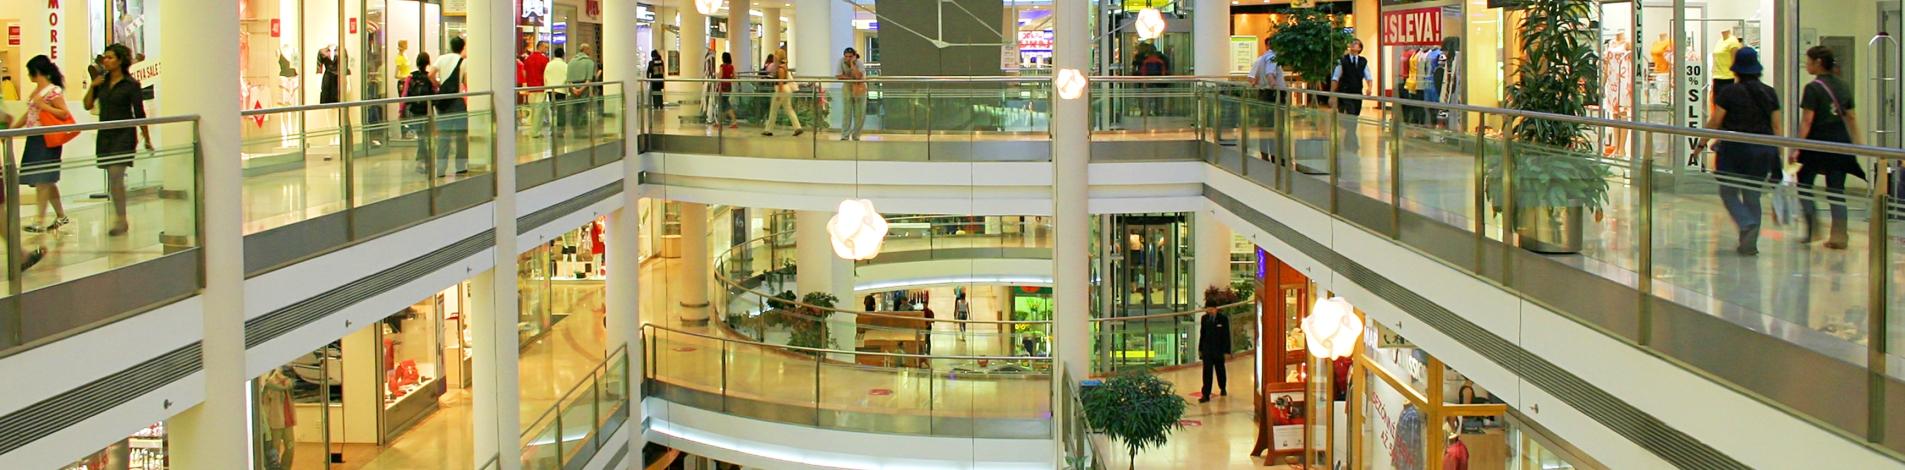 Προώθηση Πωλήσεων & Merchandising στο Κατάστημα Λιανικής